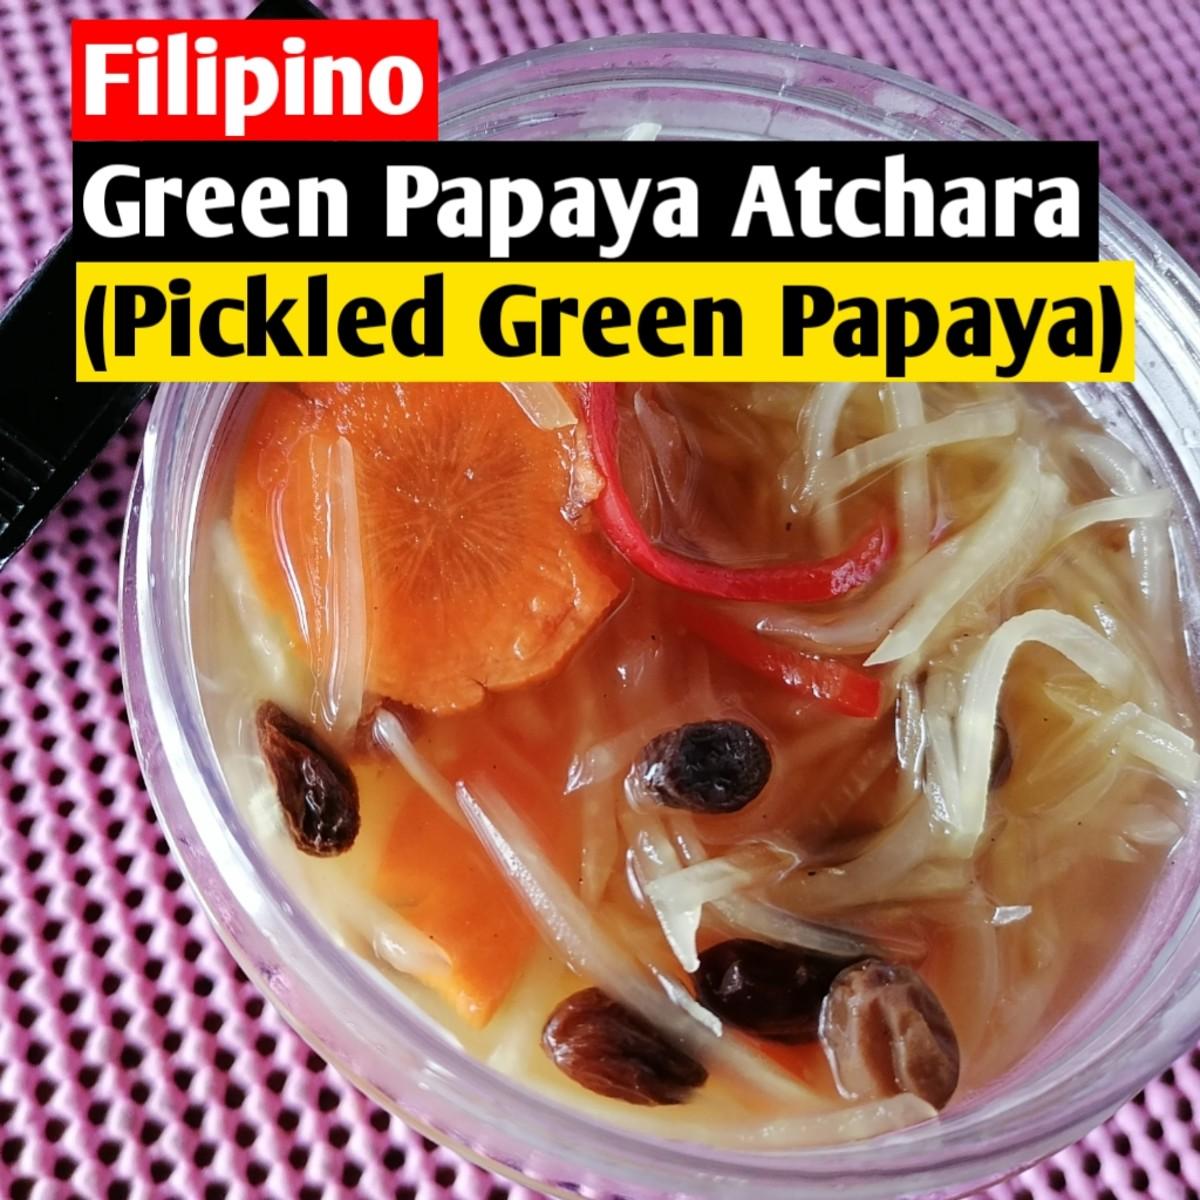 Filipino green papaya atchara (pickle)